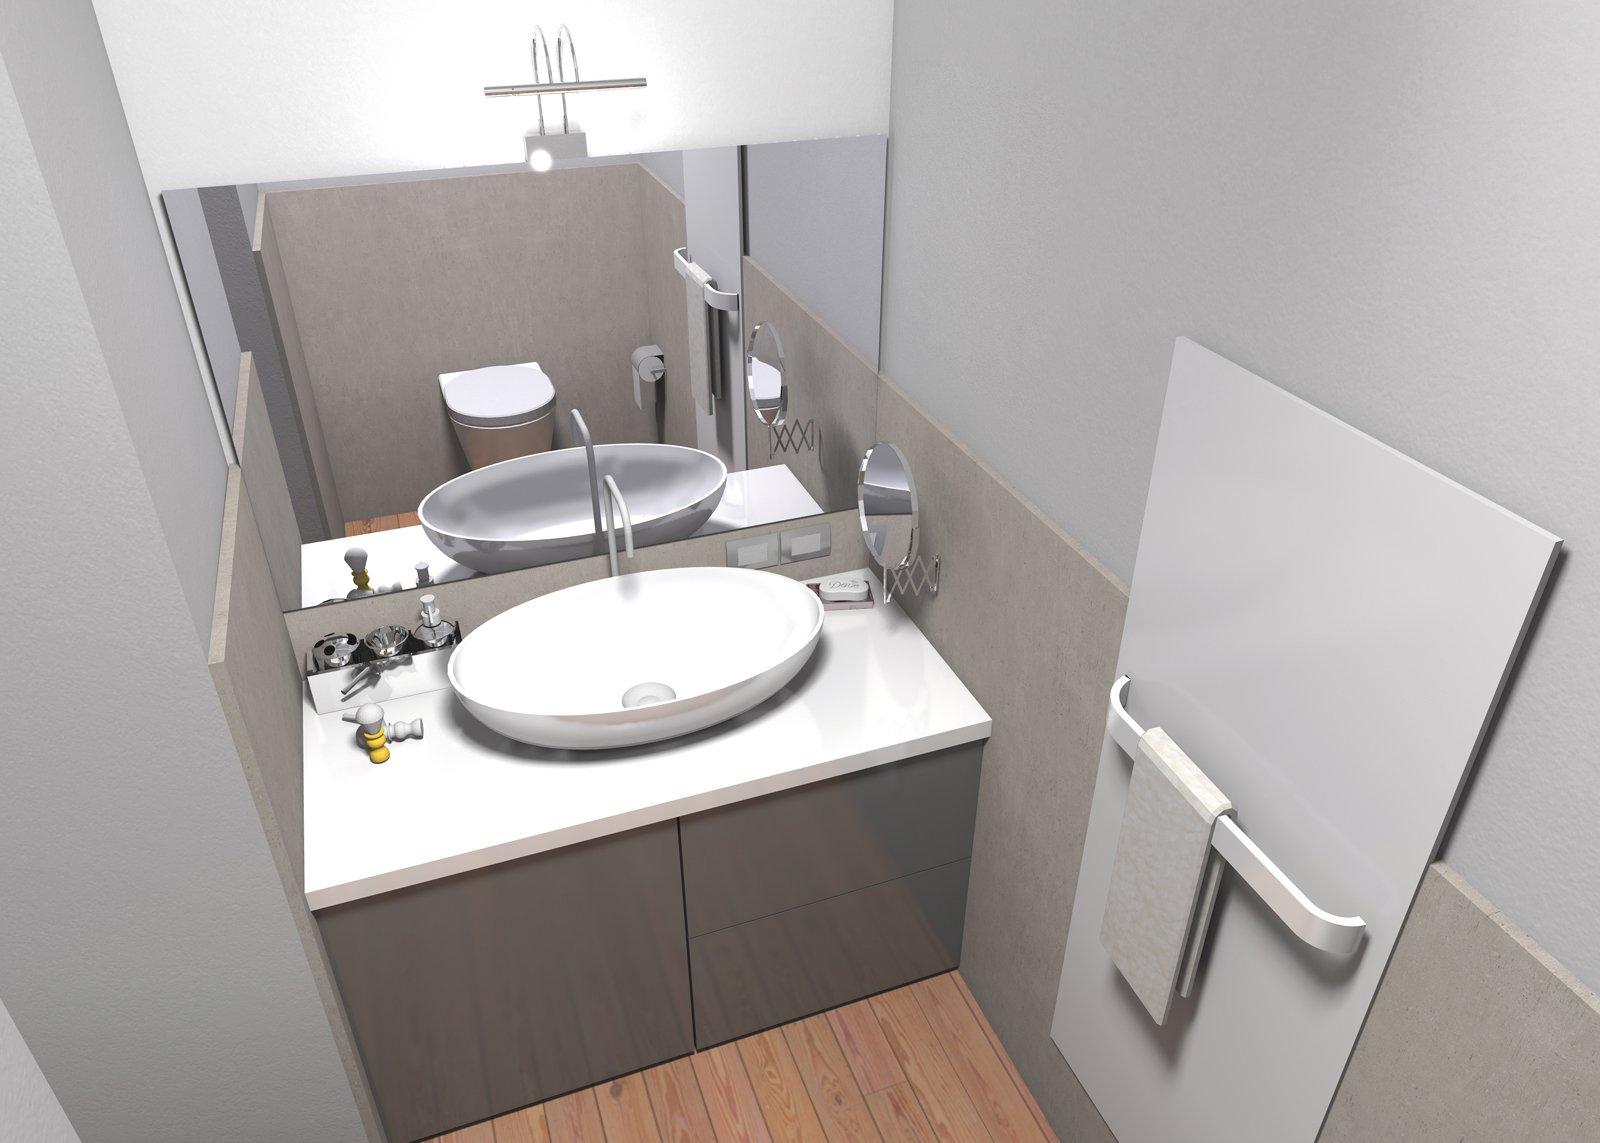 Ricavare secondo bagno lavanderia e armadio a muro da un - Bagno di 4 mq ...